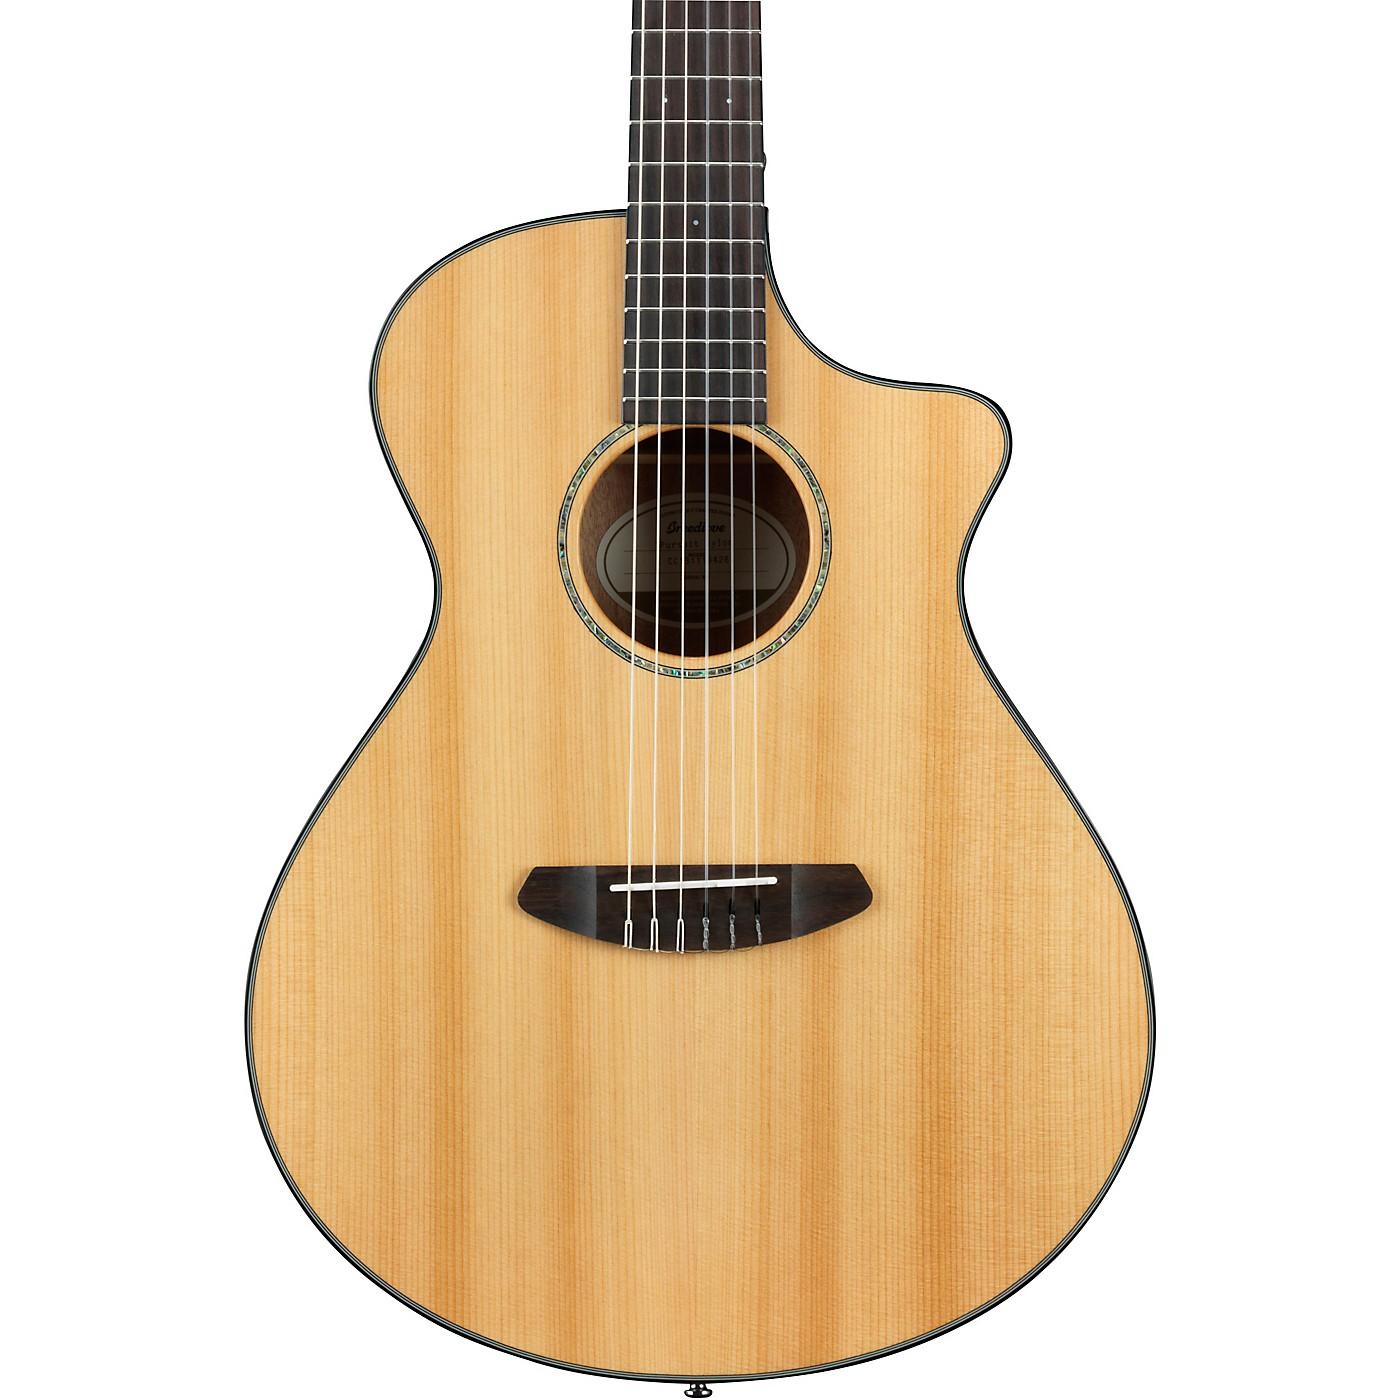 Breedlove Pursuit Nylon Concert Cutaway CE Acoustic-Electric Guitar thumbnail